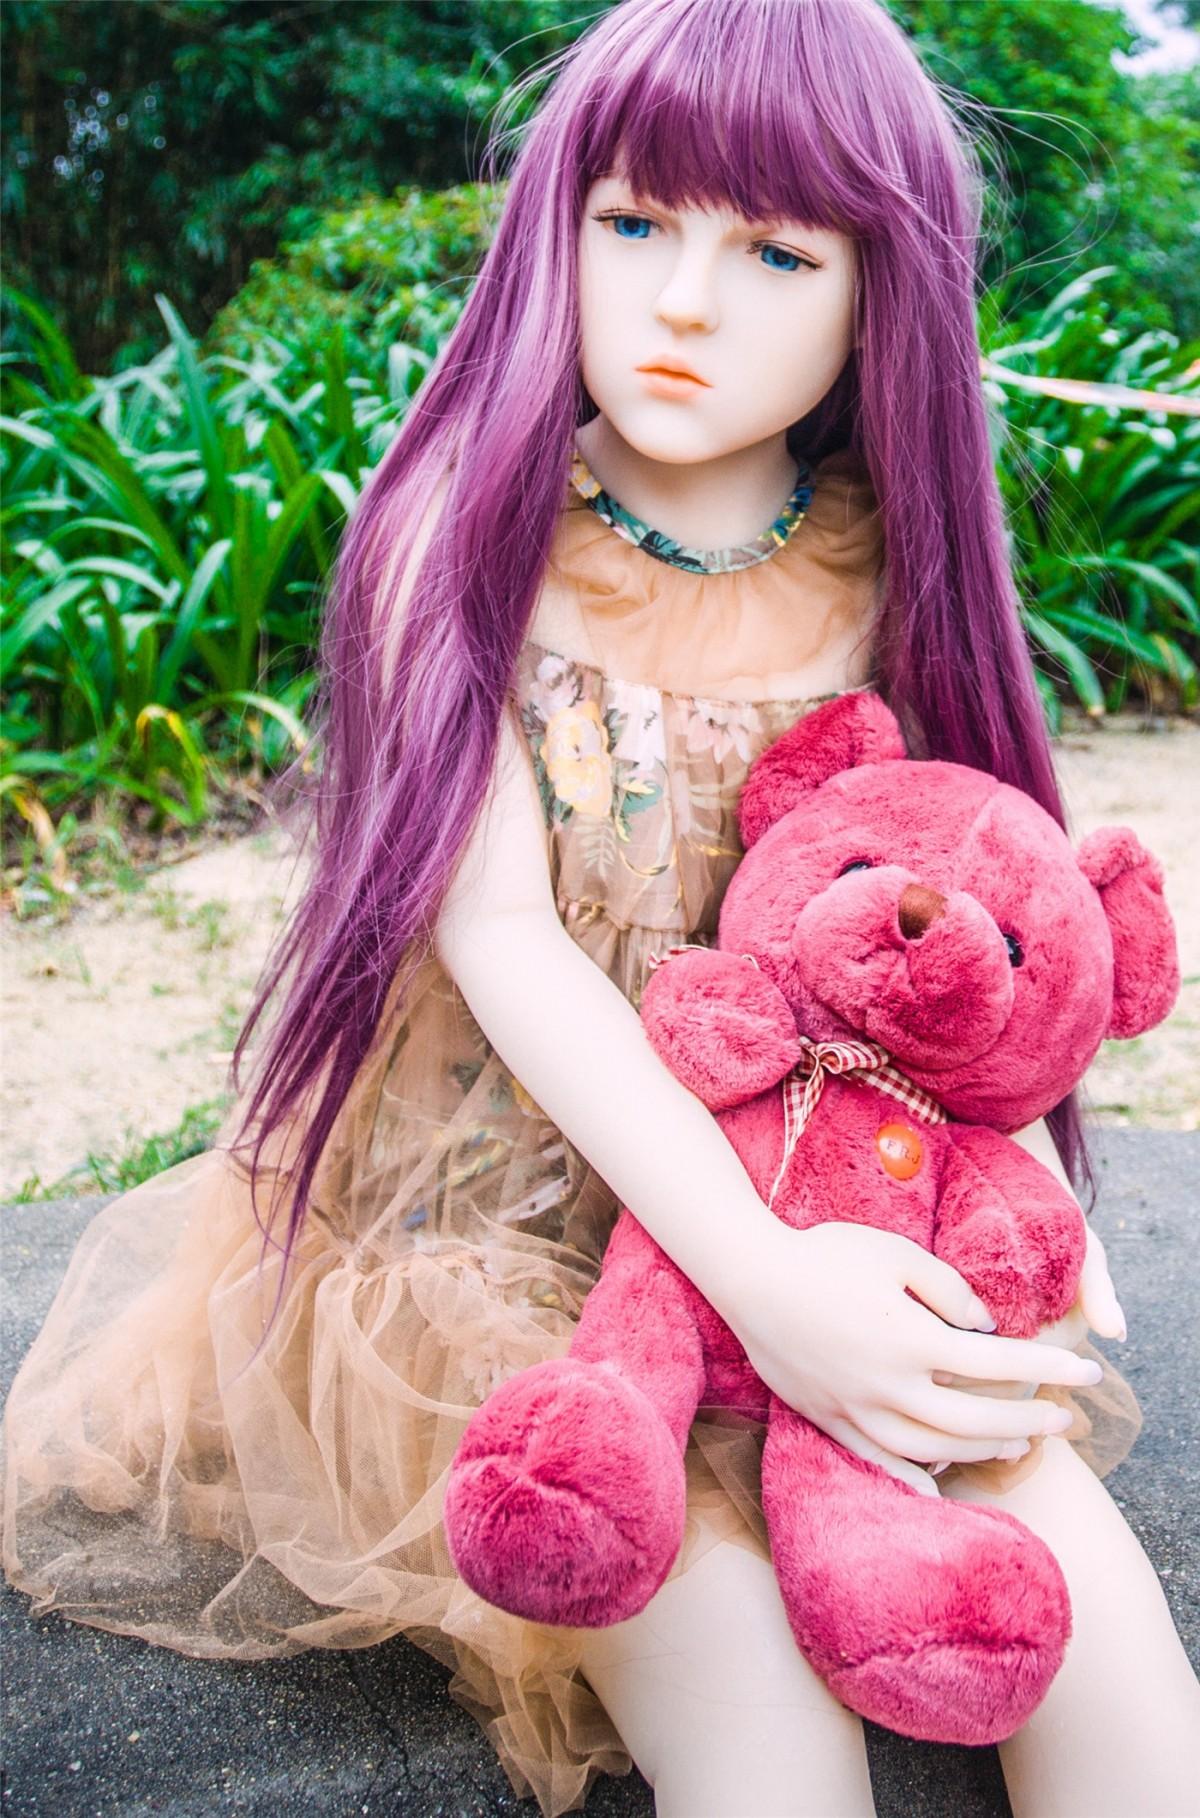 fille cheveux Vêtements rose jouet cheveux longs ours en peluche poupée peau blond costume caoutchouc Semble réel silicone réaliste Cheveux pourpre cheveux bruns